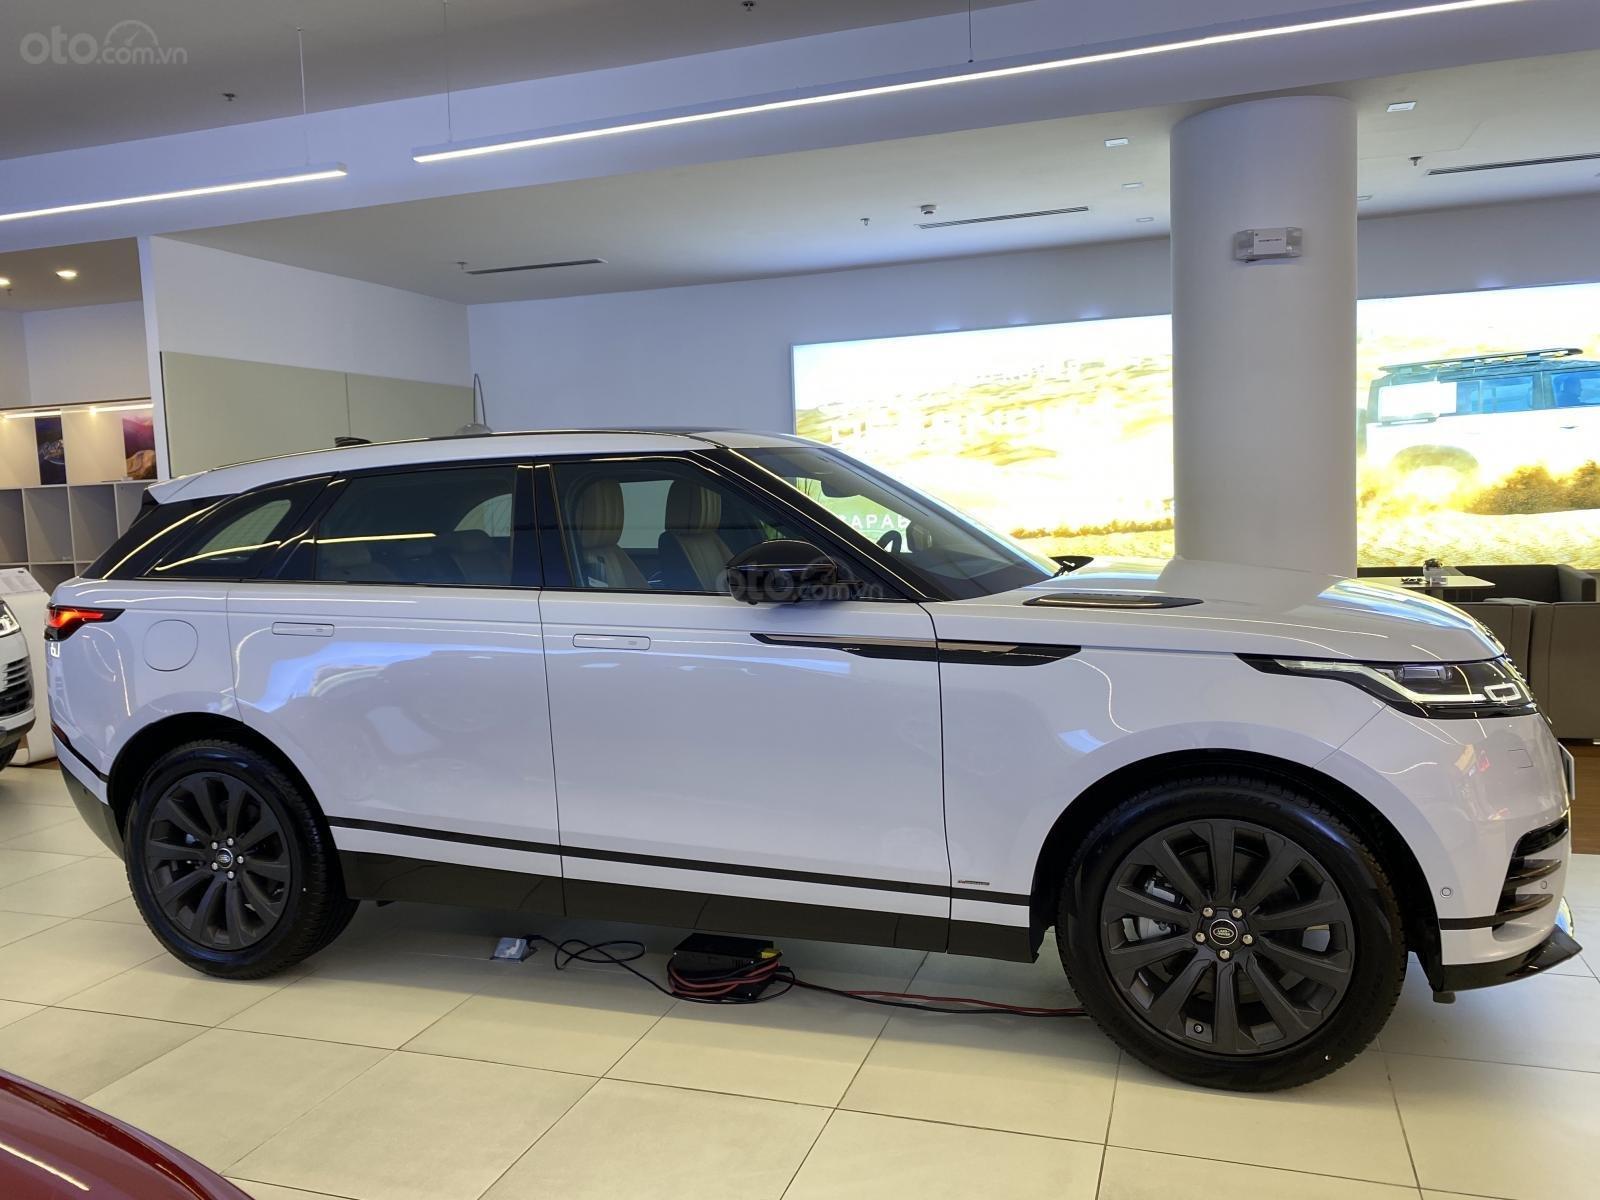 Bán xe Range Rover Velar nhập khẩu chính hãng màu trắng, mới 2020, giá tốt nhất. Xe sẵn, nhiều màu lựa chọn, giao ngay (3)